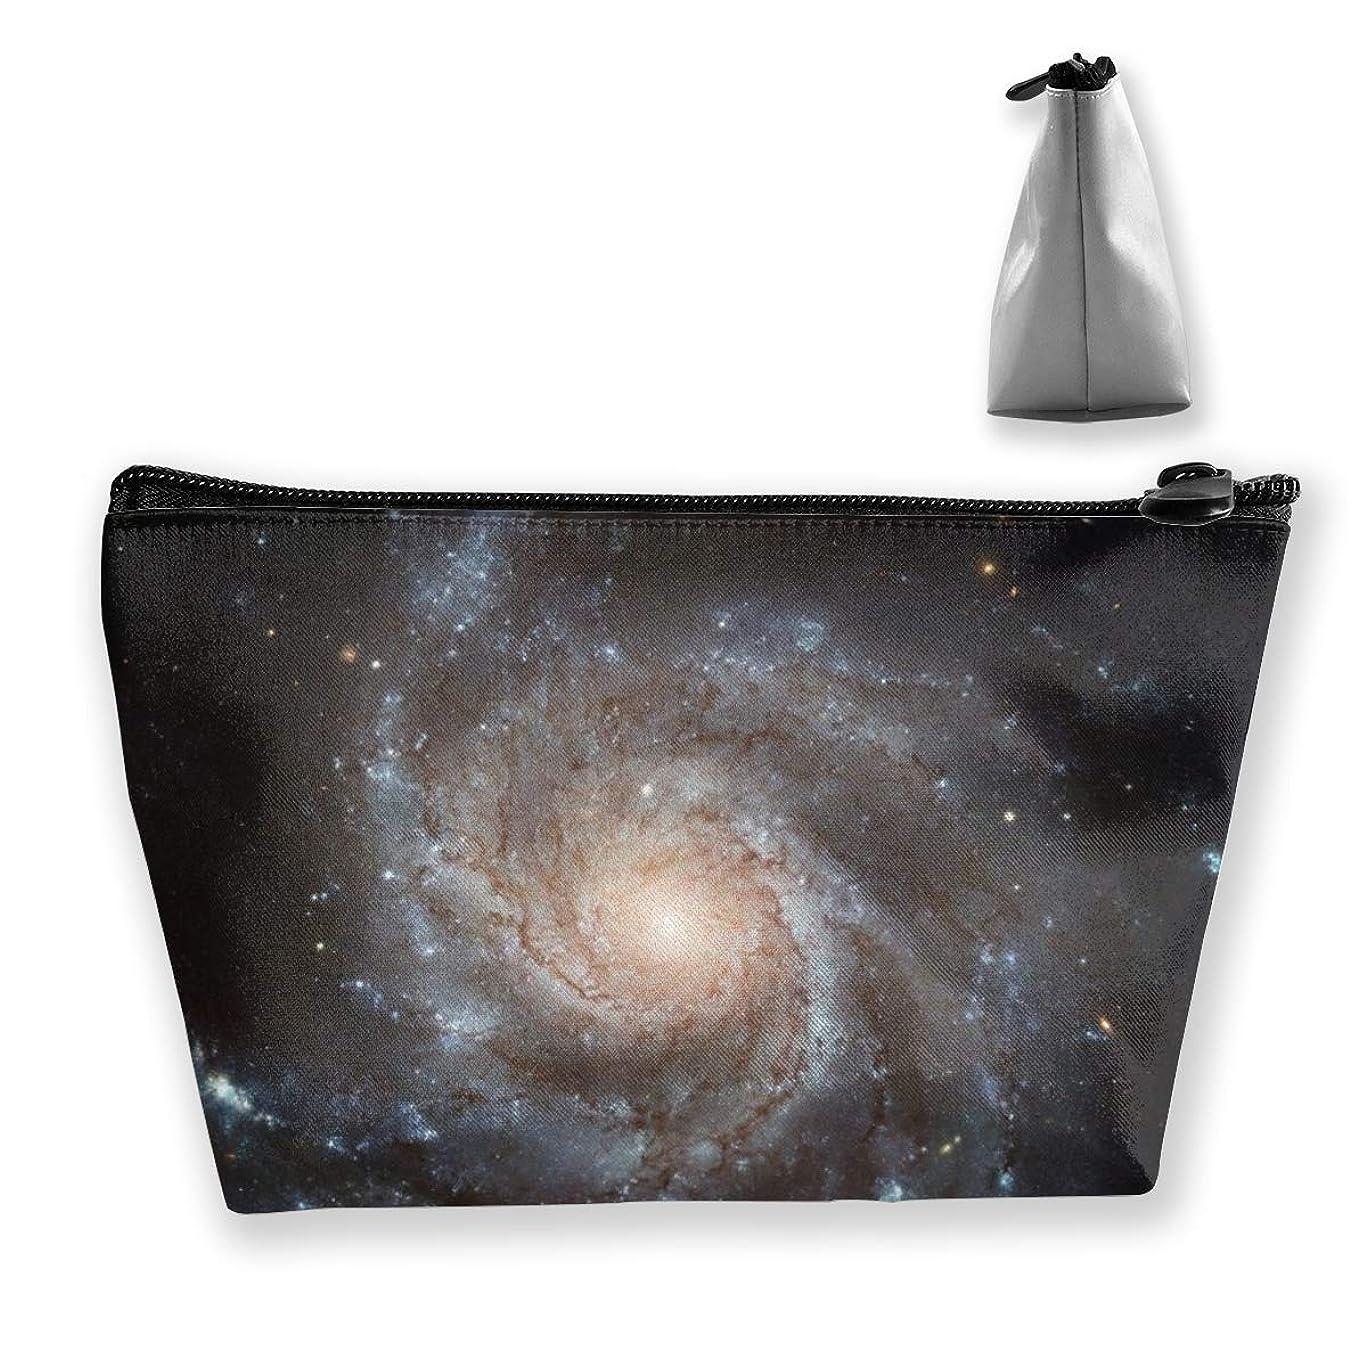 フラスコメタン住所Szsgqkj 宇宙の星空 化粧品袋の携帯用旅行構造の袋の洗面用品の主催者